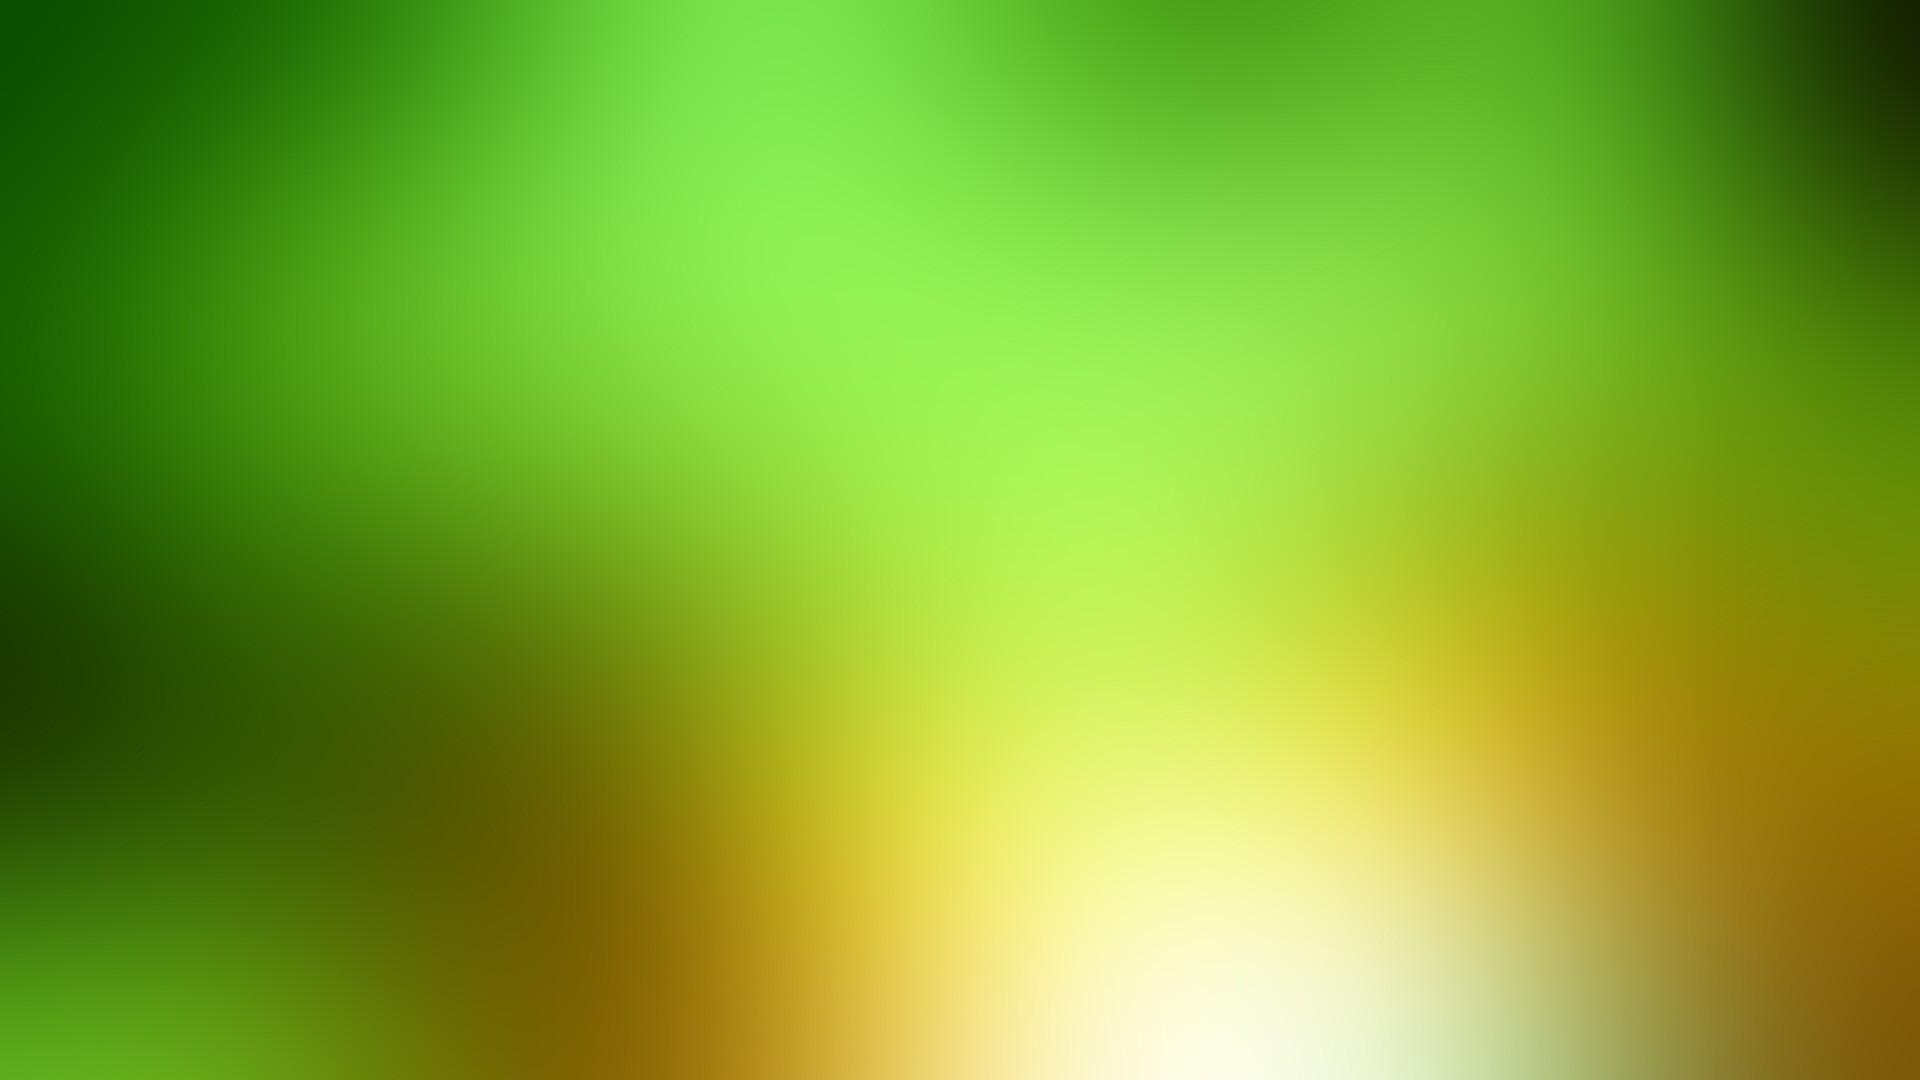 Preview wallpaper green, yellow, white, spot 1920×1080